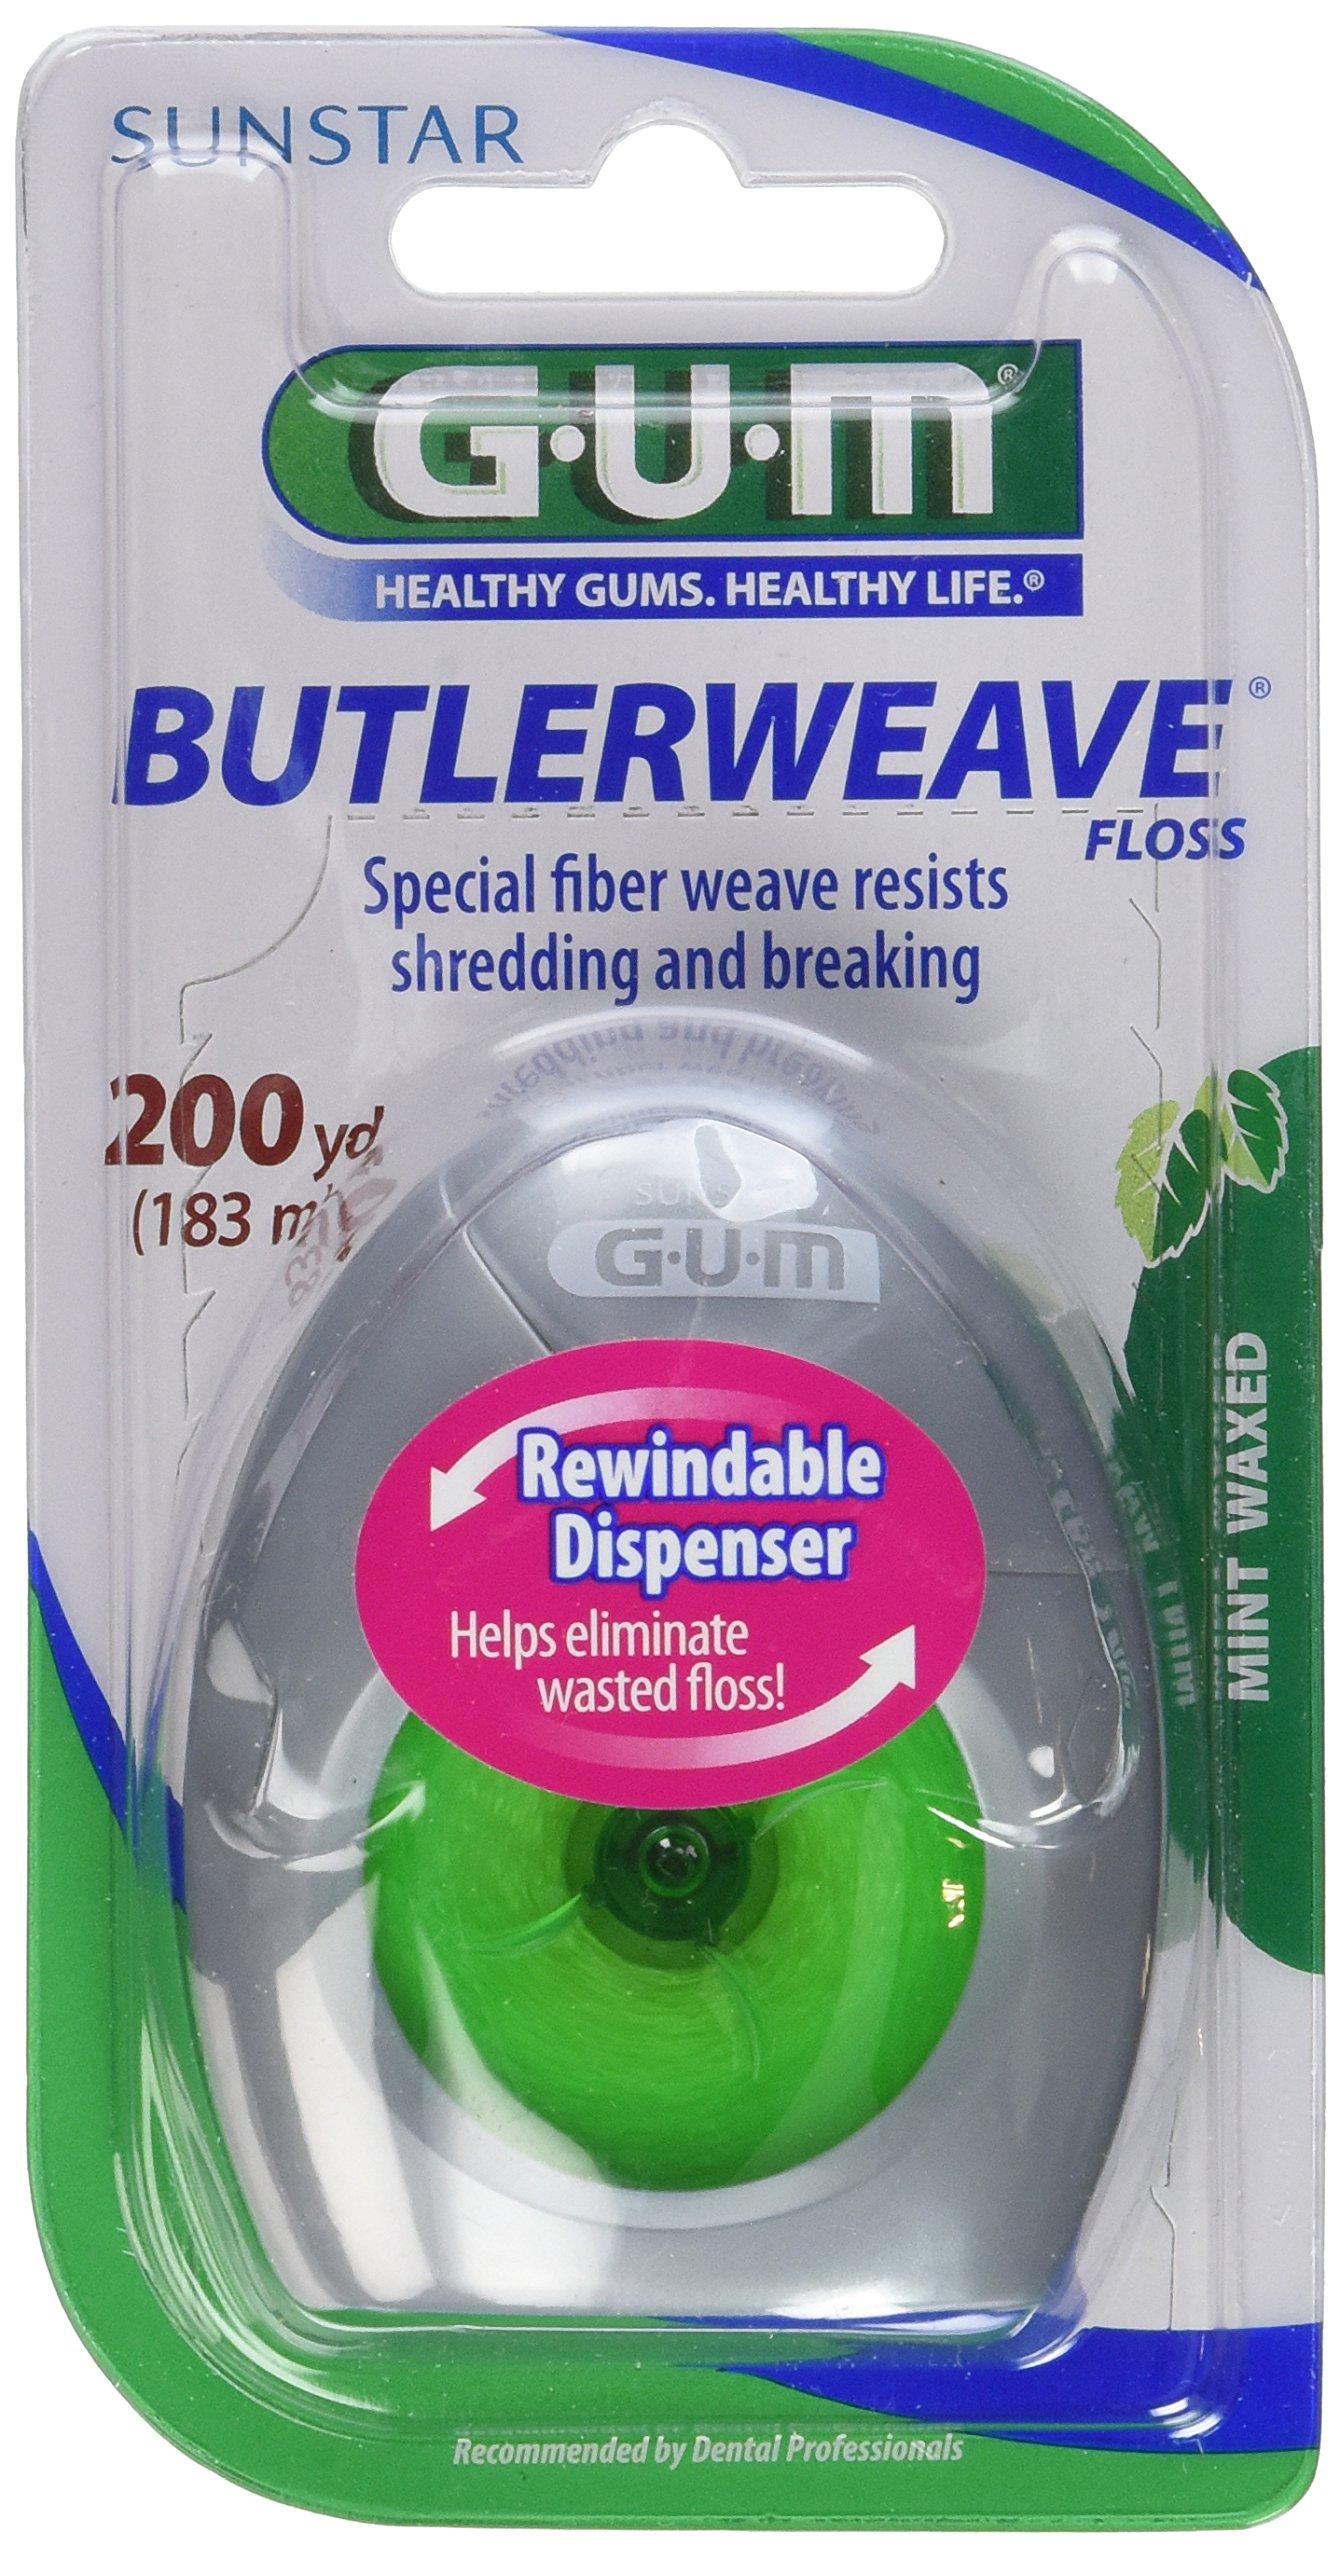 Gum Butlerweave Floss Mint Waxed, 200yds (Pack of 6)